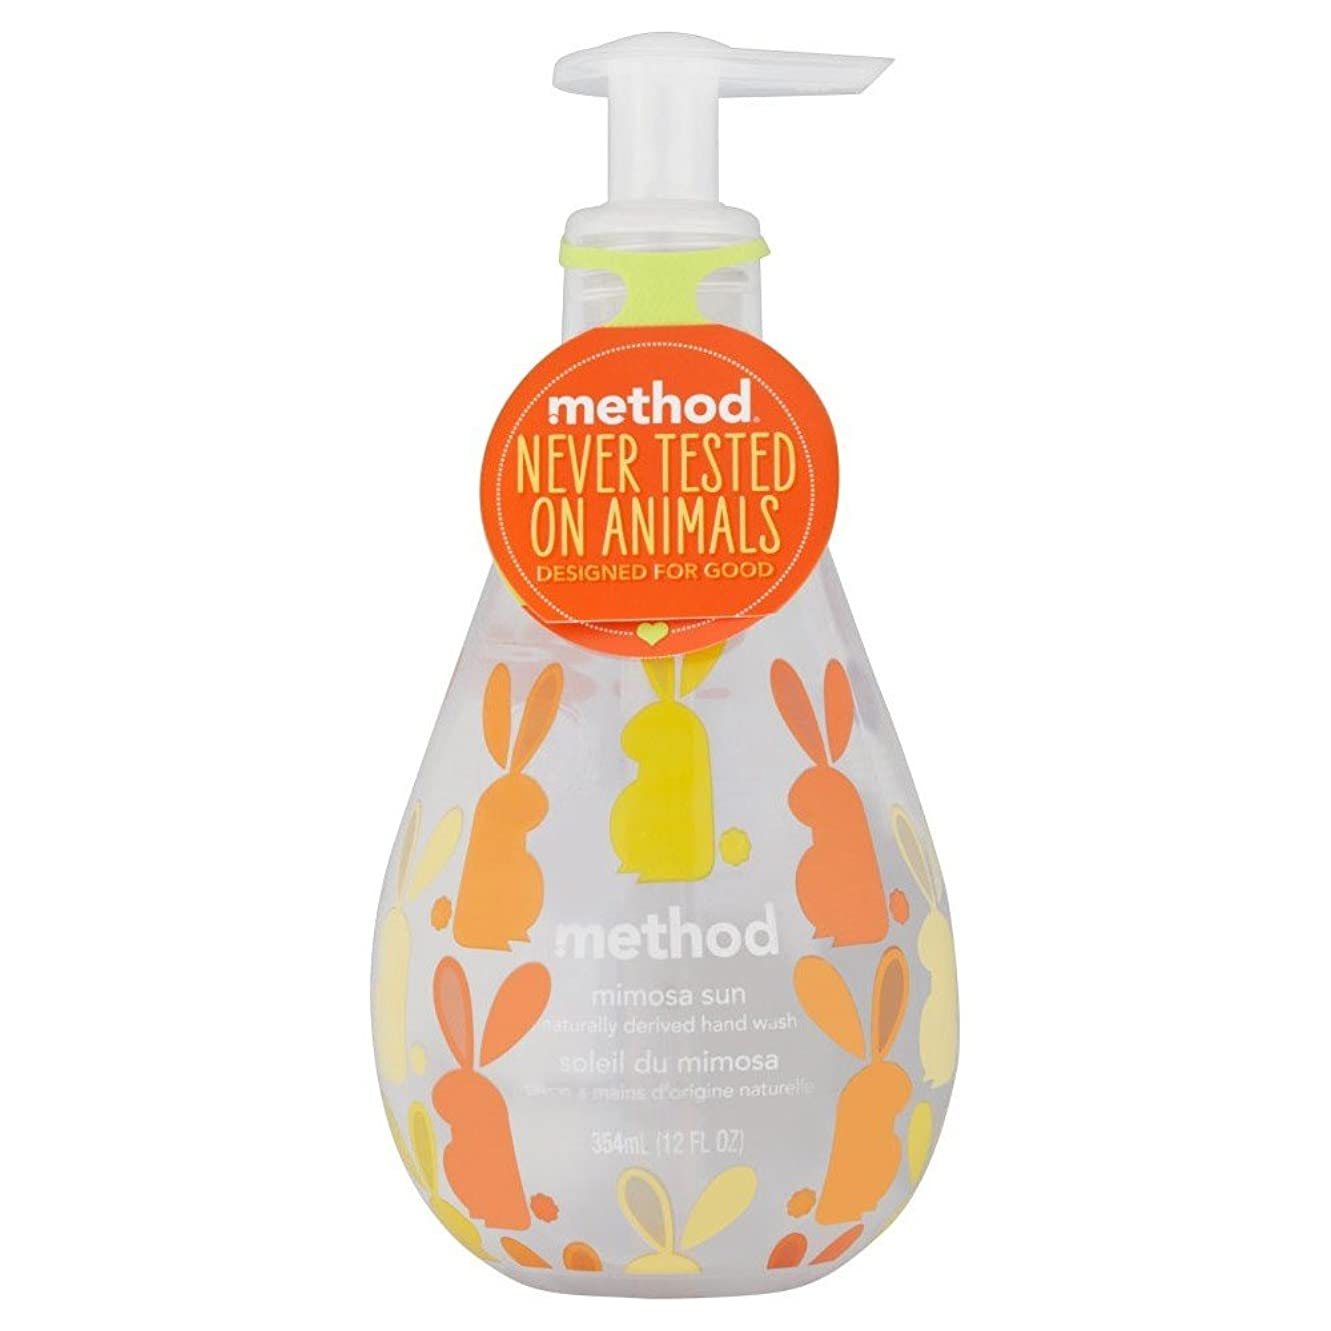 お手入れ盆収束Method Hand Wash - Mimosa Sun (354ml) メソッドハンドウォッシュ - ミモザ日( 354ミリリットル) [並行輸入品]